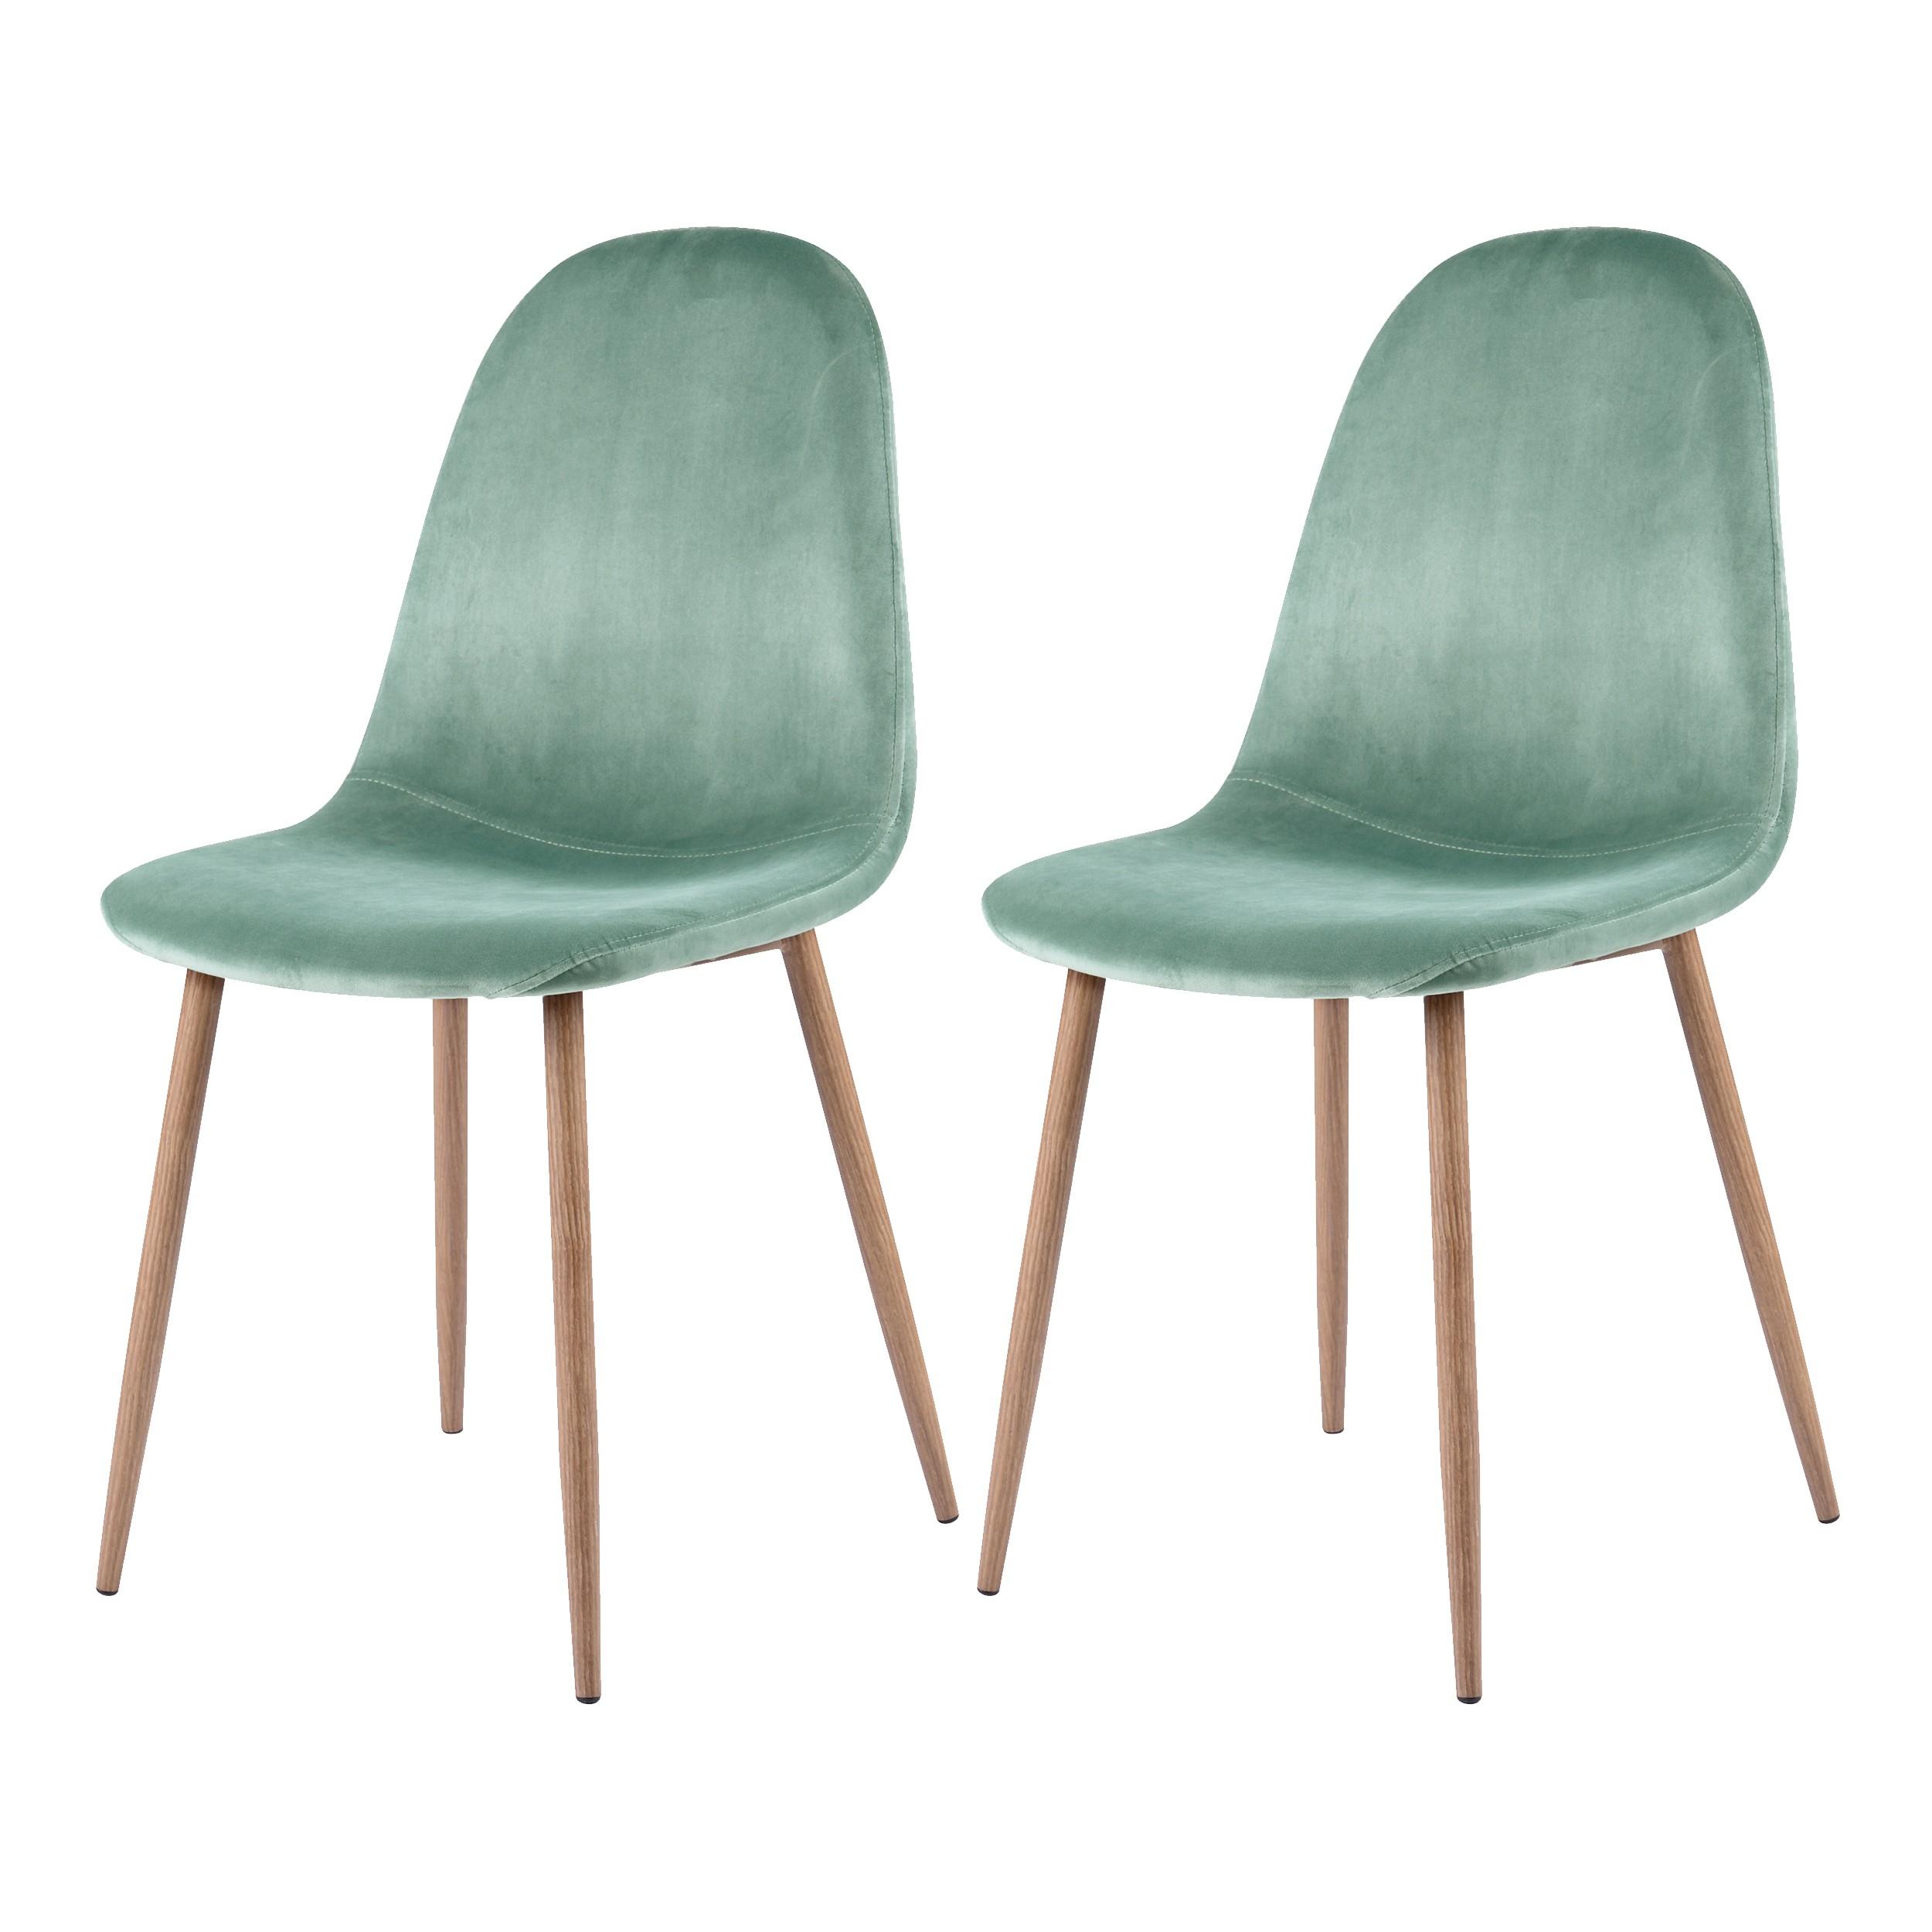 acheter chaise scandinave velours vert d eau